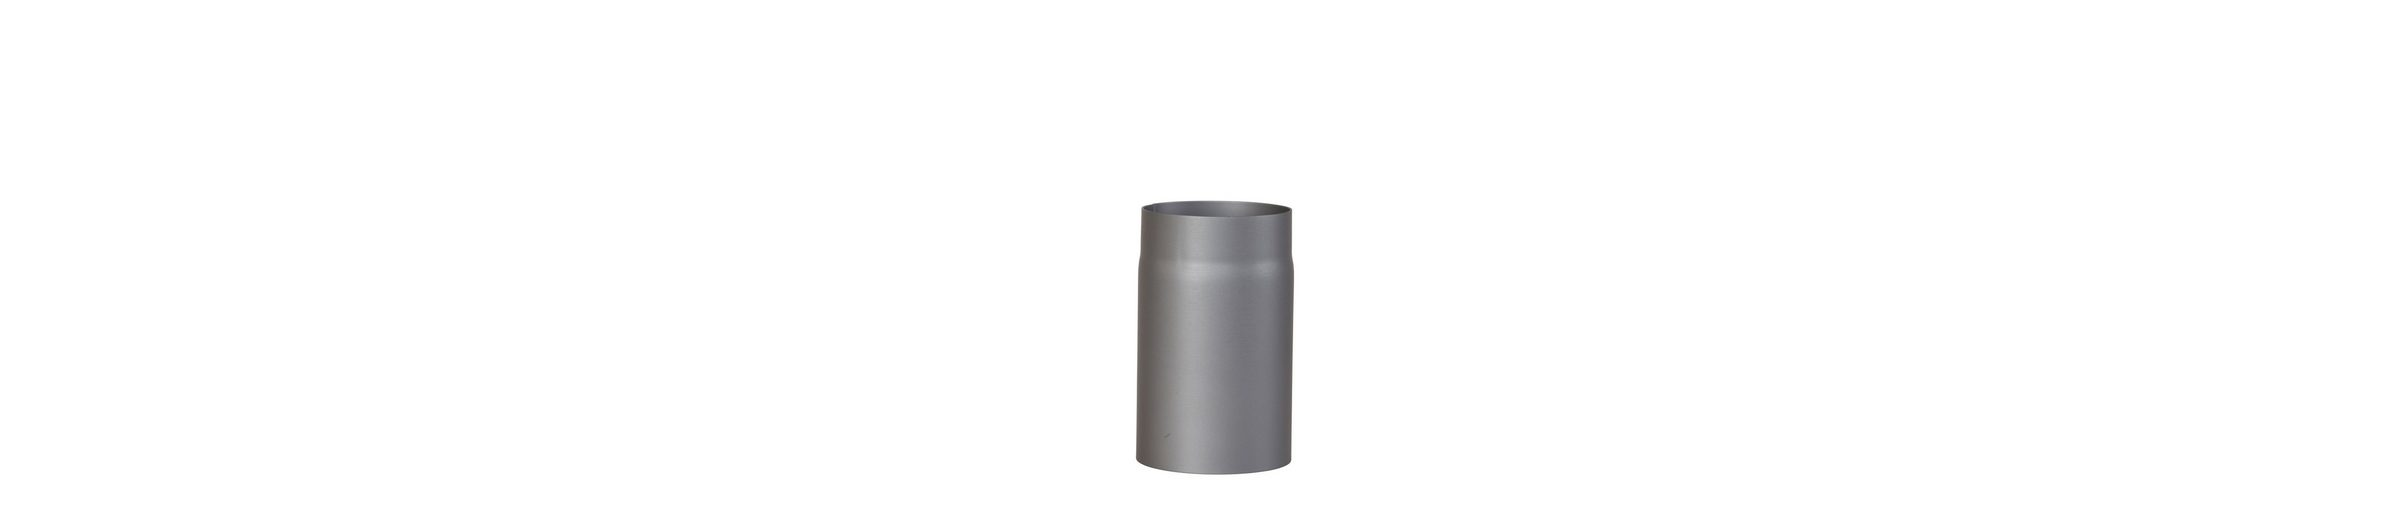 Rauchrohr »250 mm Länge in Grau«, Ø 150 mm, Ofenrohr für Kaminöfen